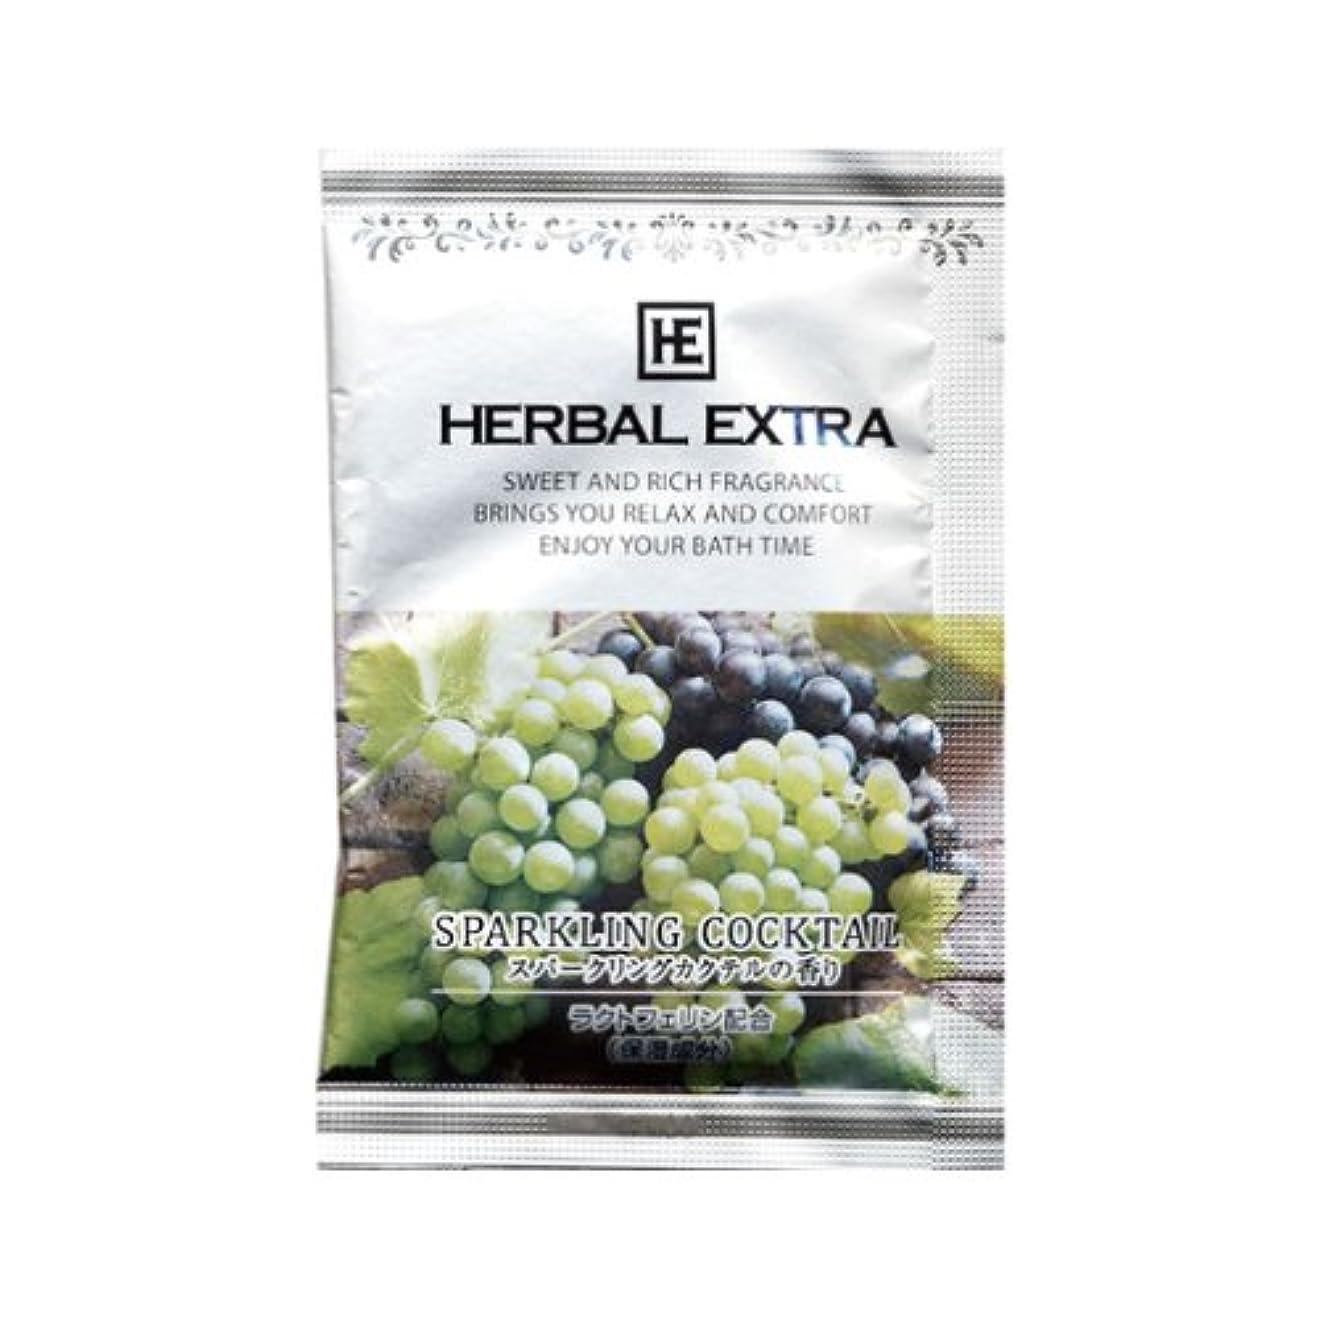 ジャンプインテリア膜ハーバルエクストラ スパークリングカクテルの香り 20g 200包